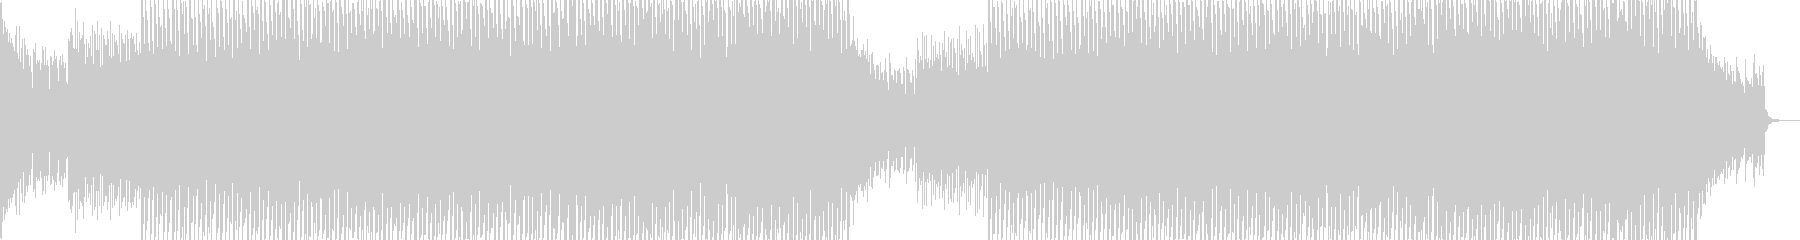 EDMクラブ系ダンスミュージック-63の未再生の波形